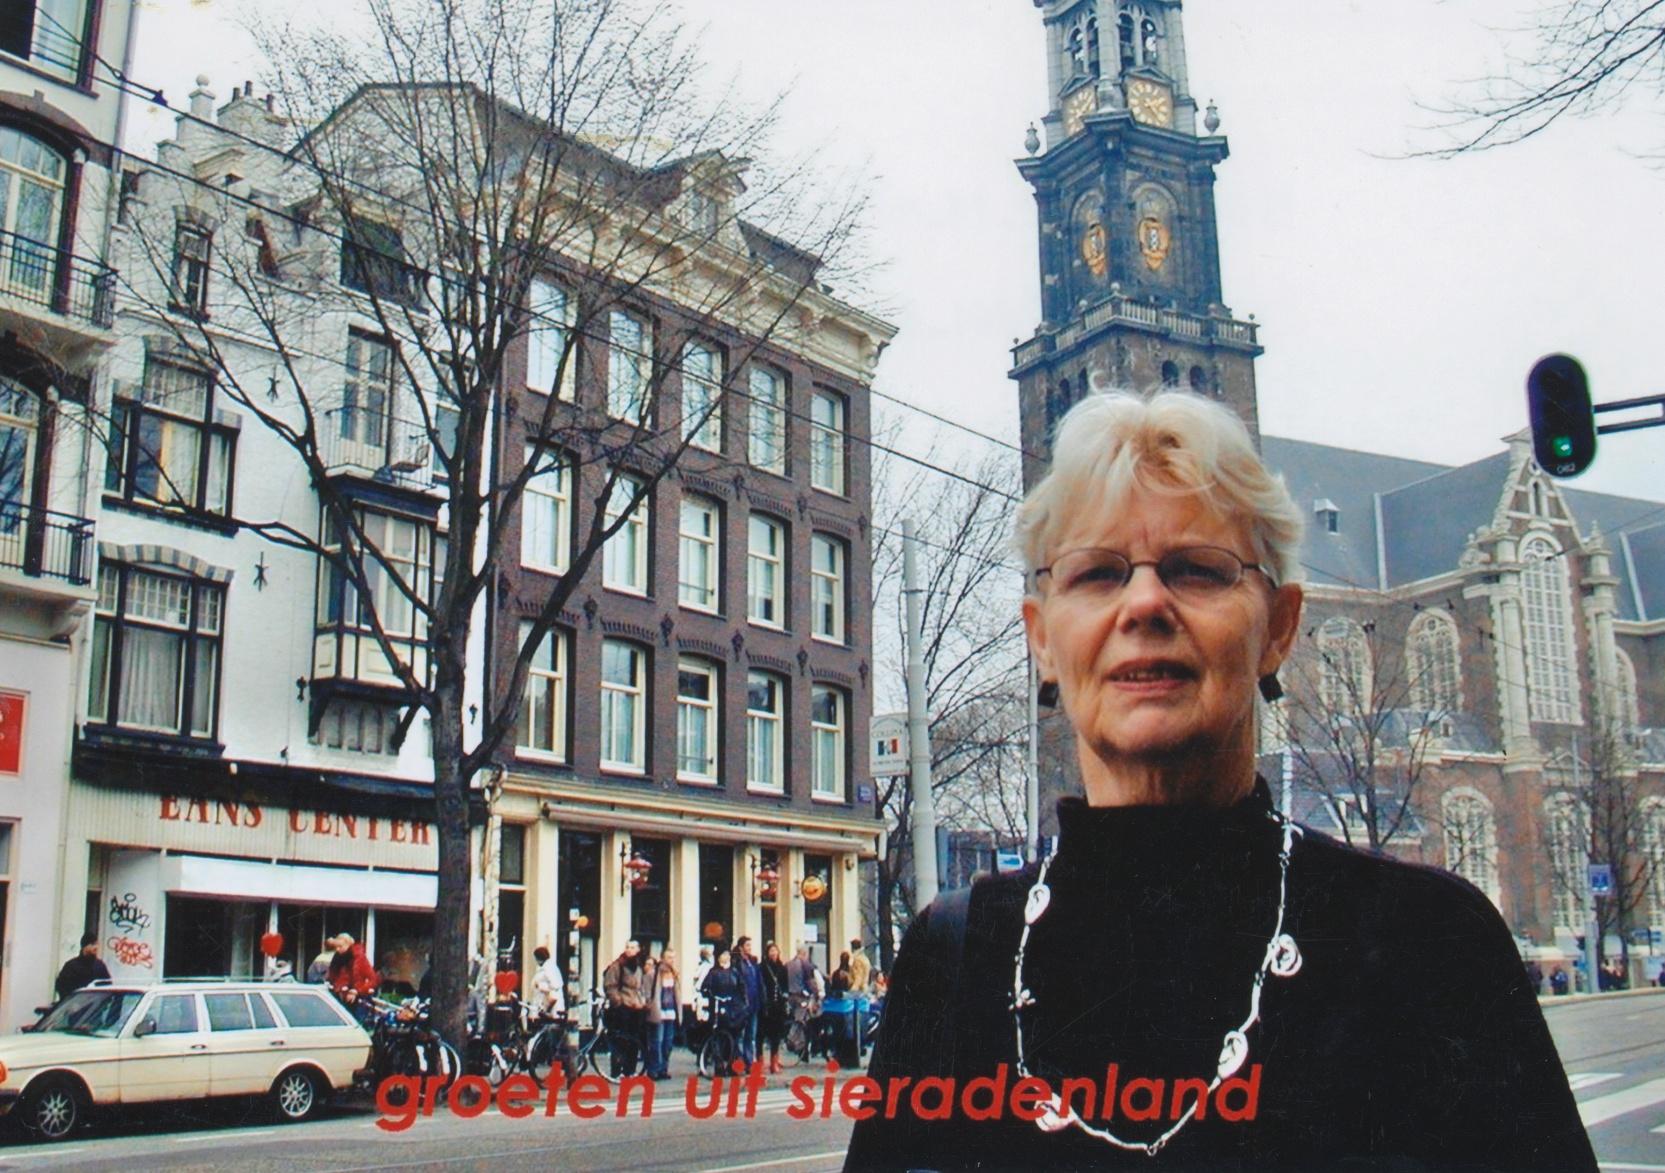 Claartje Keur, Zelfportret met halssieraad van Nicolas Dings, Amsterdam, Westerkerk, 14 februari 2004. Foto Claartje Keur